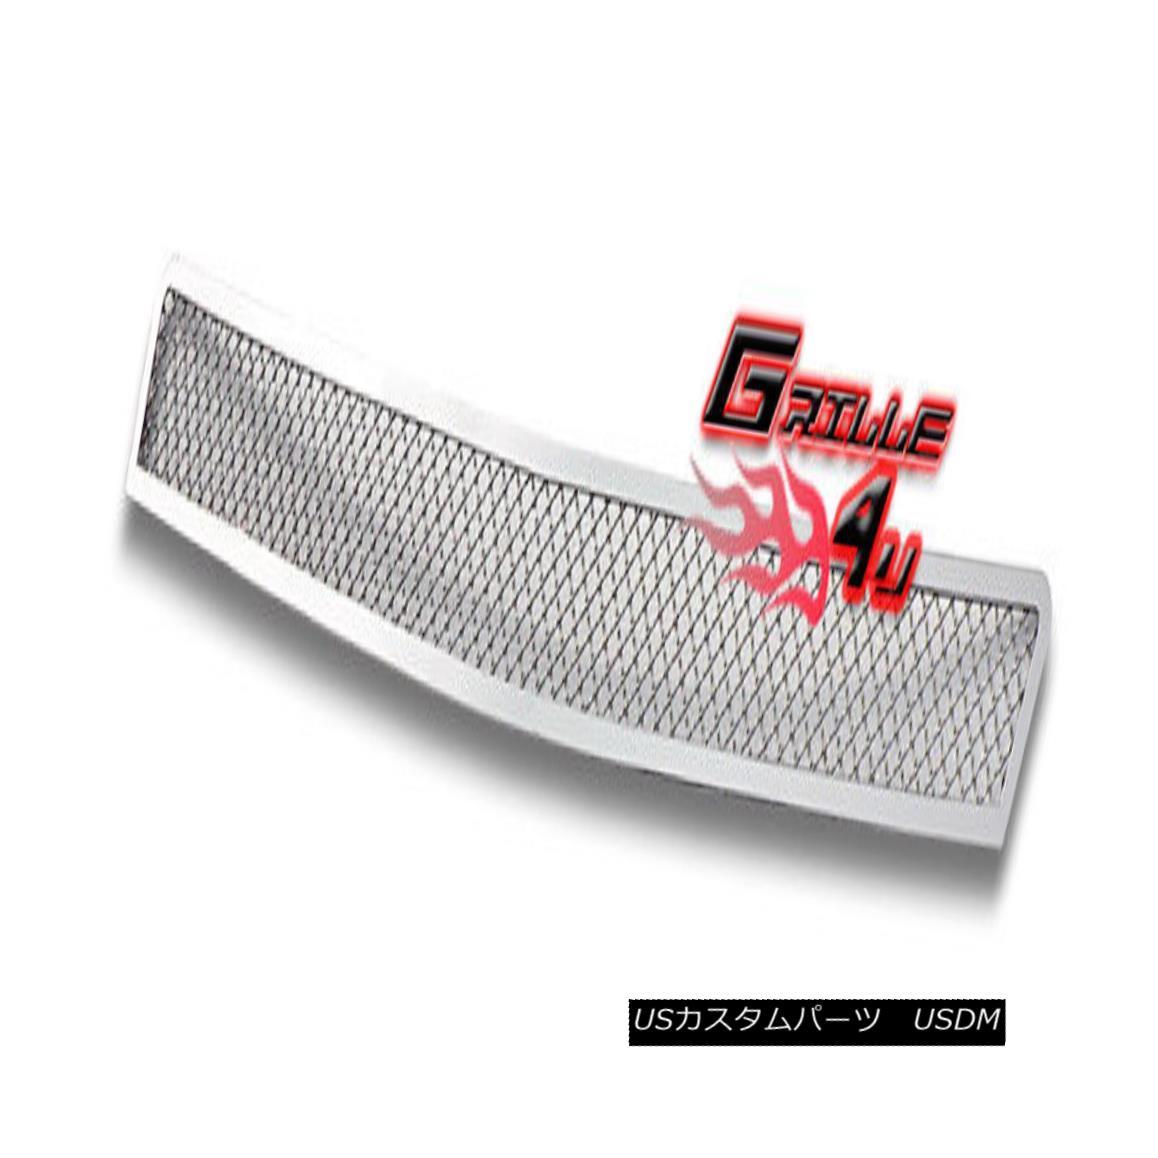 グリル Customized For 06-09 Chevy Monte Carlo/ SS/Impala/SS/LT Mesh Premium Grille 06-09シボレーモンテカルロ/ SS /インパラ/ SS / L Tメッシュプレミアムグリル用にカスタマイズ